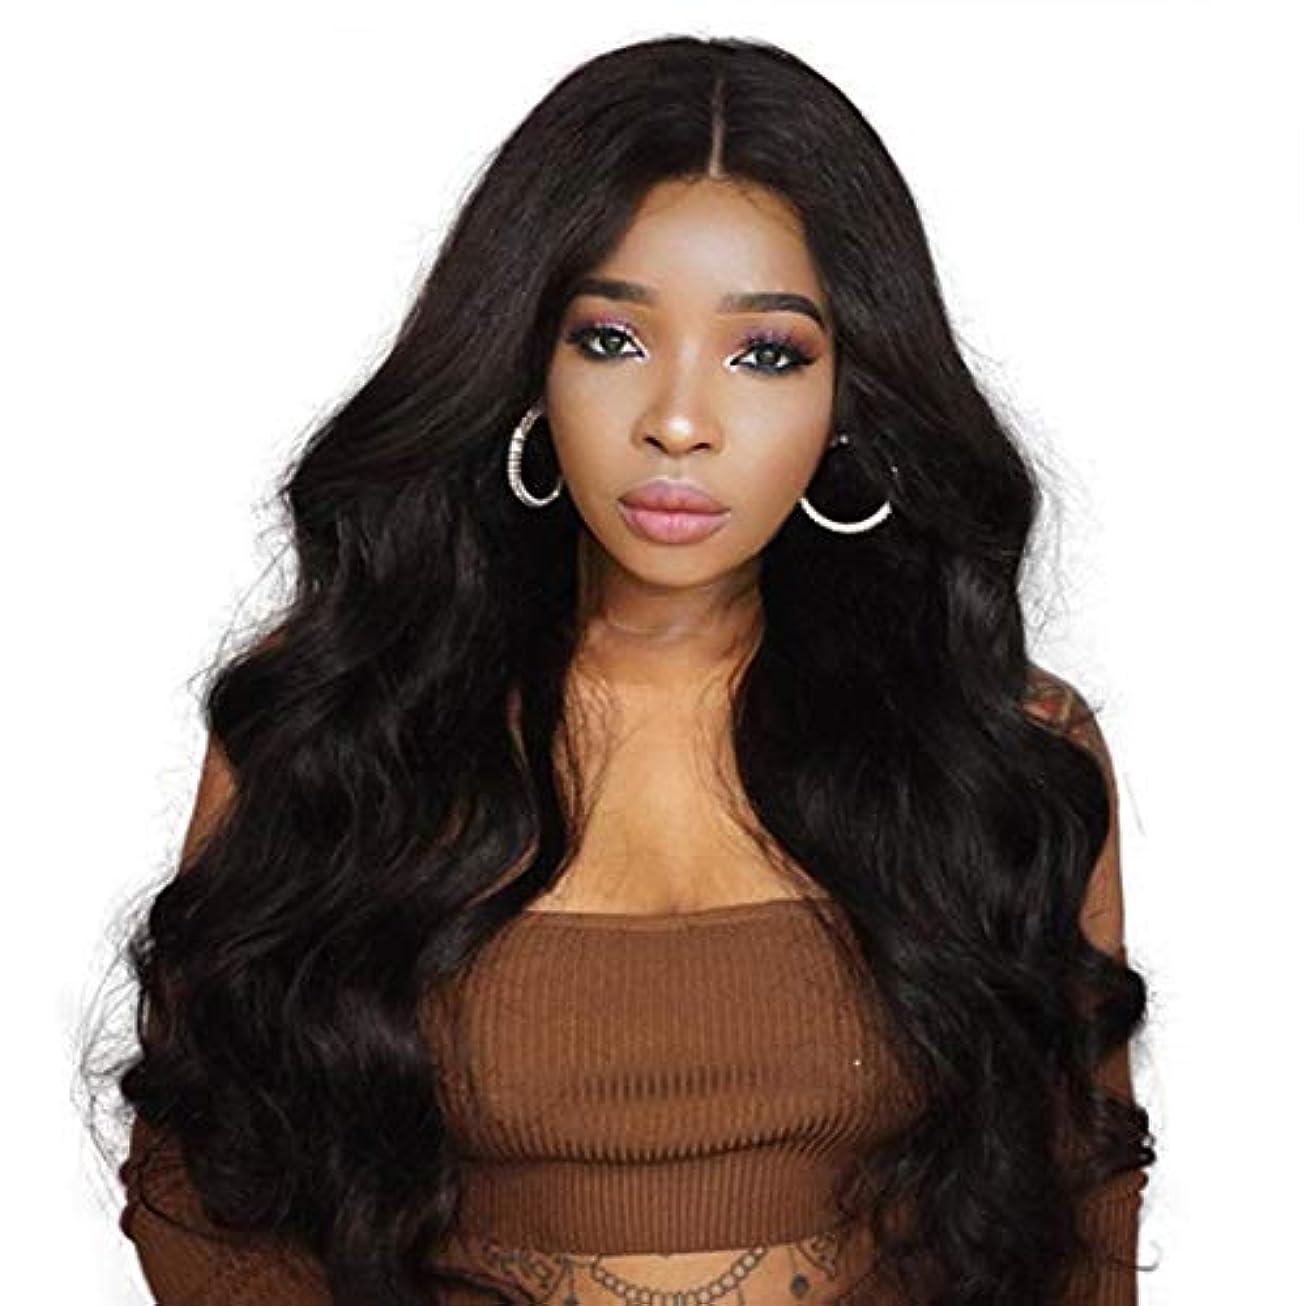 延期するベッドを作る放射するSummerys 黒人女性のための長い波状の合成かつらカーリー合成かつら